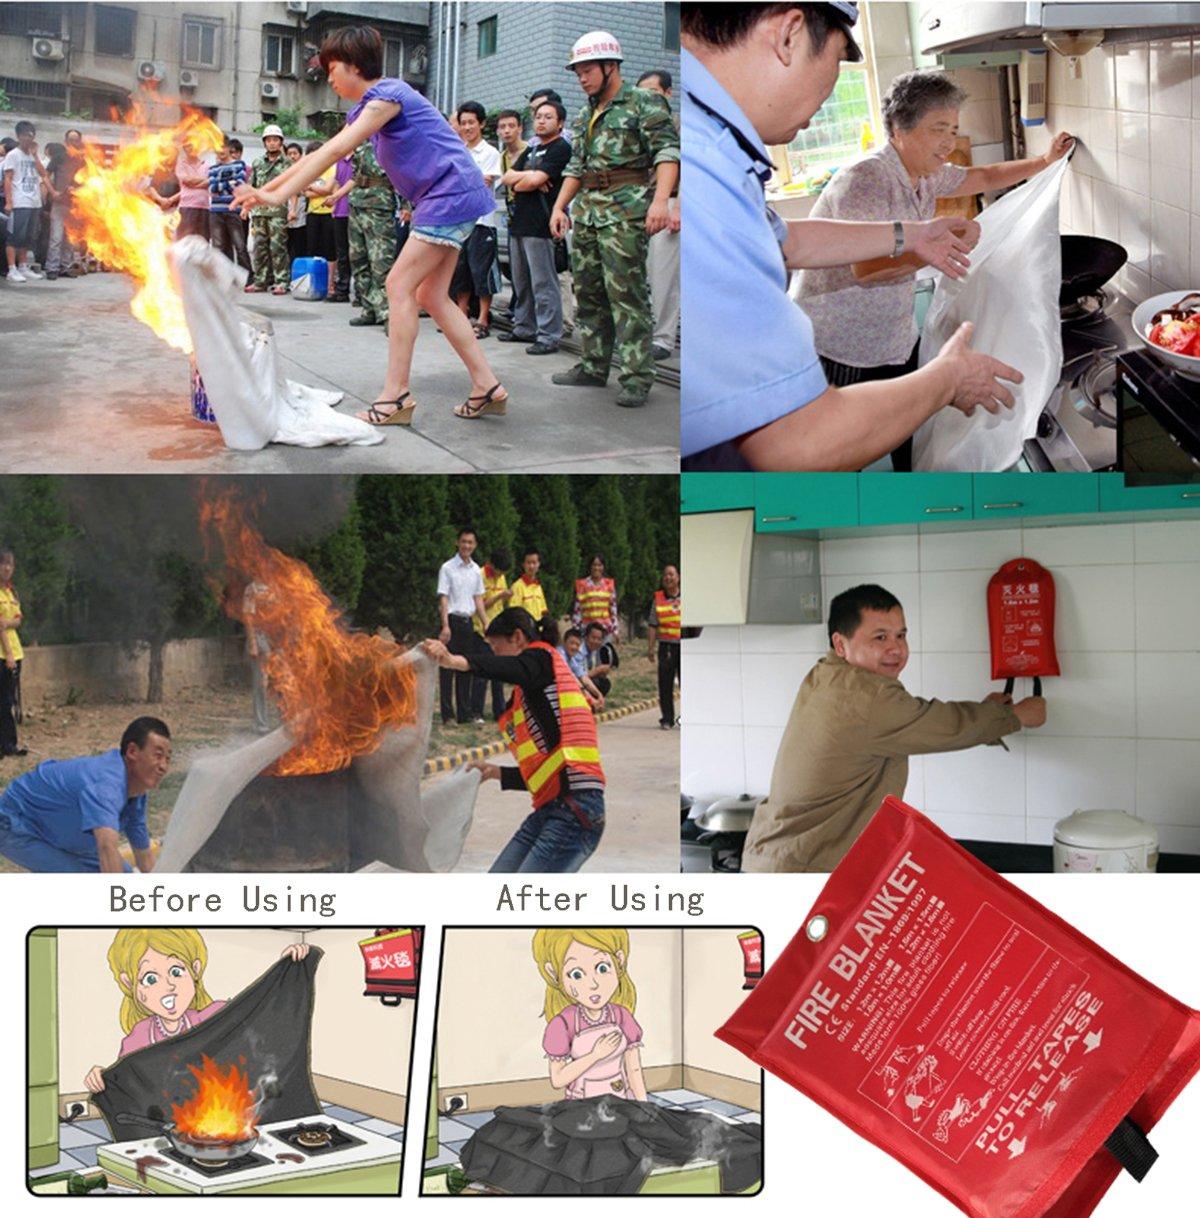 caleqi 1,2 m x 1,2 m manta ignífuga de suave caso cumple con la normativa EN 1869: 1997-give un par de guantes antideslizantes.: Amazon.es: Bricolaje y ...